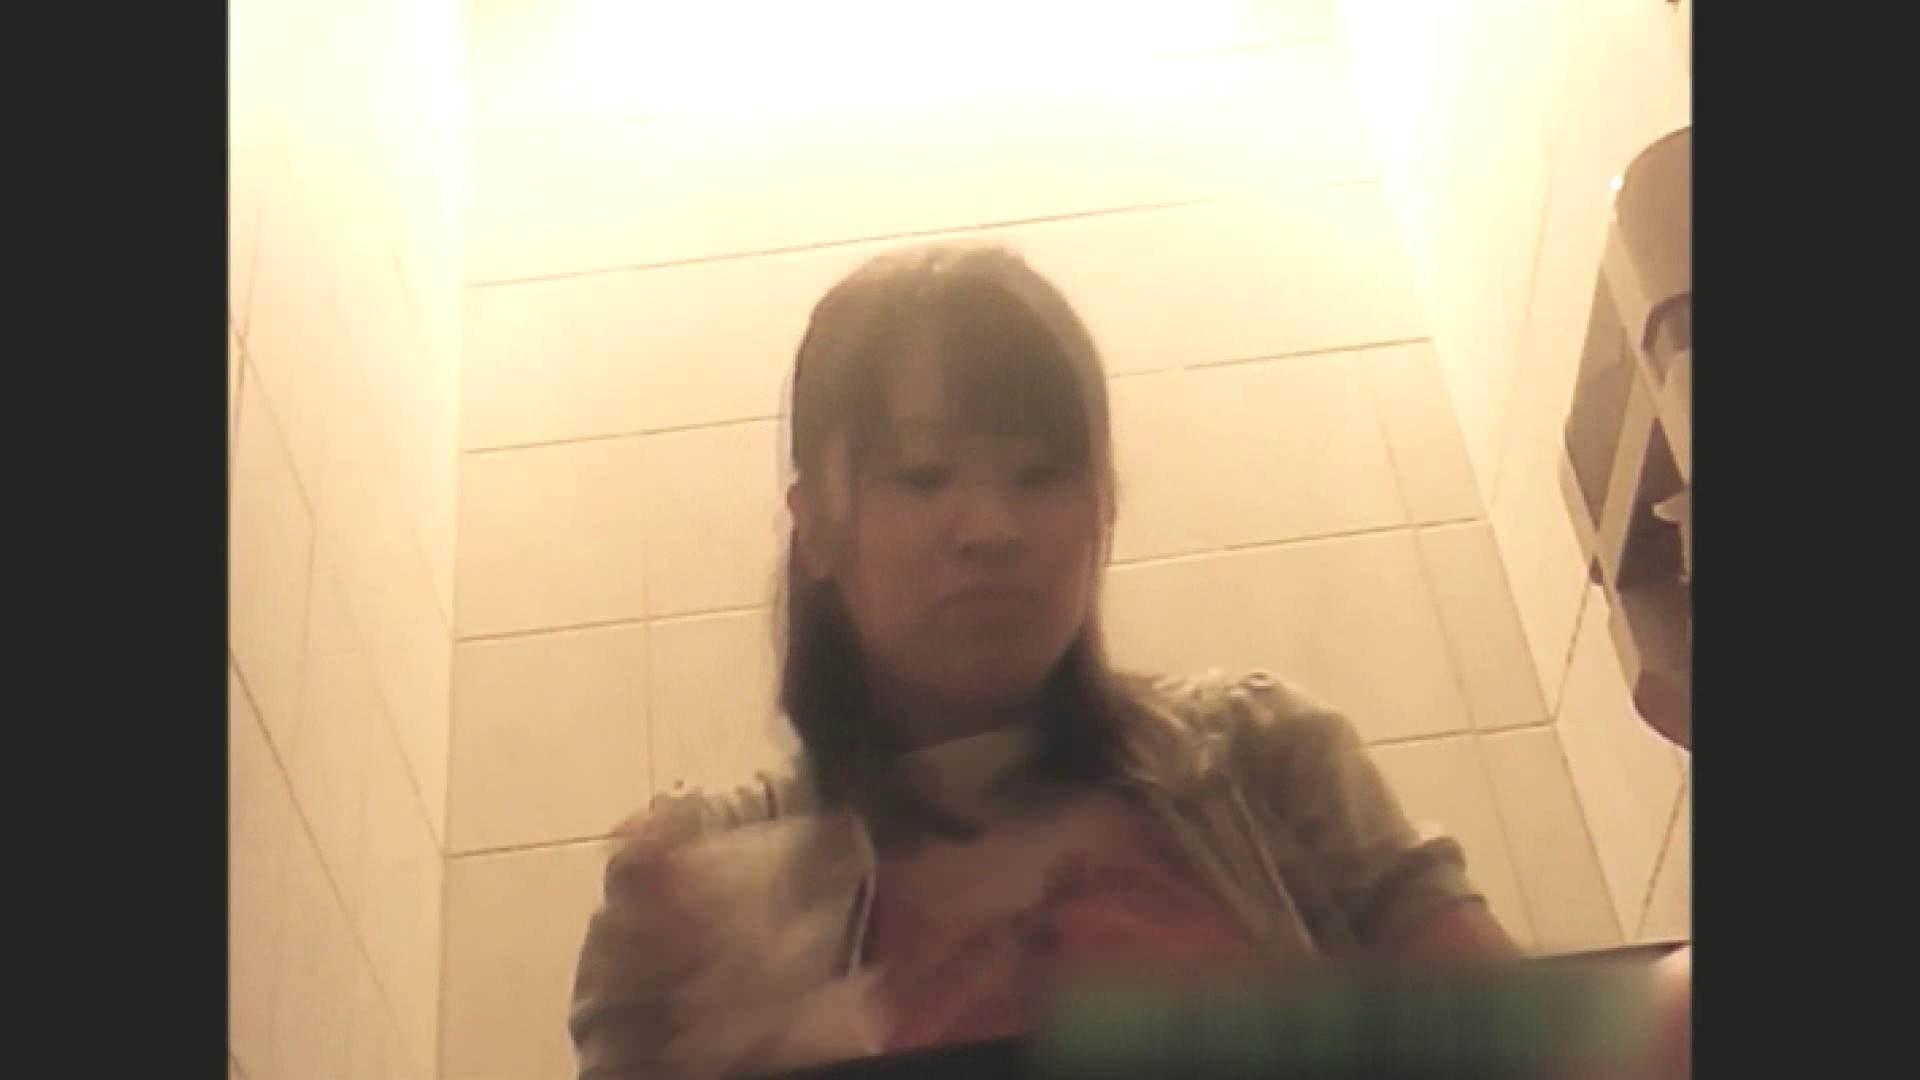 実録!!綺麗なお姉さんのトイレ事情・・・。vol.1 ナプキン | 美女OL  63連発 40